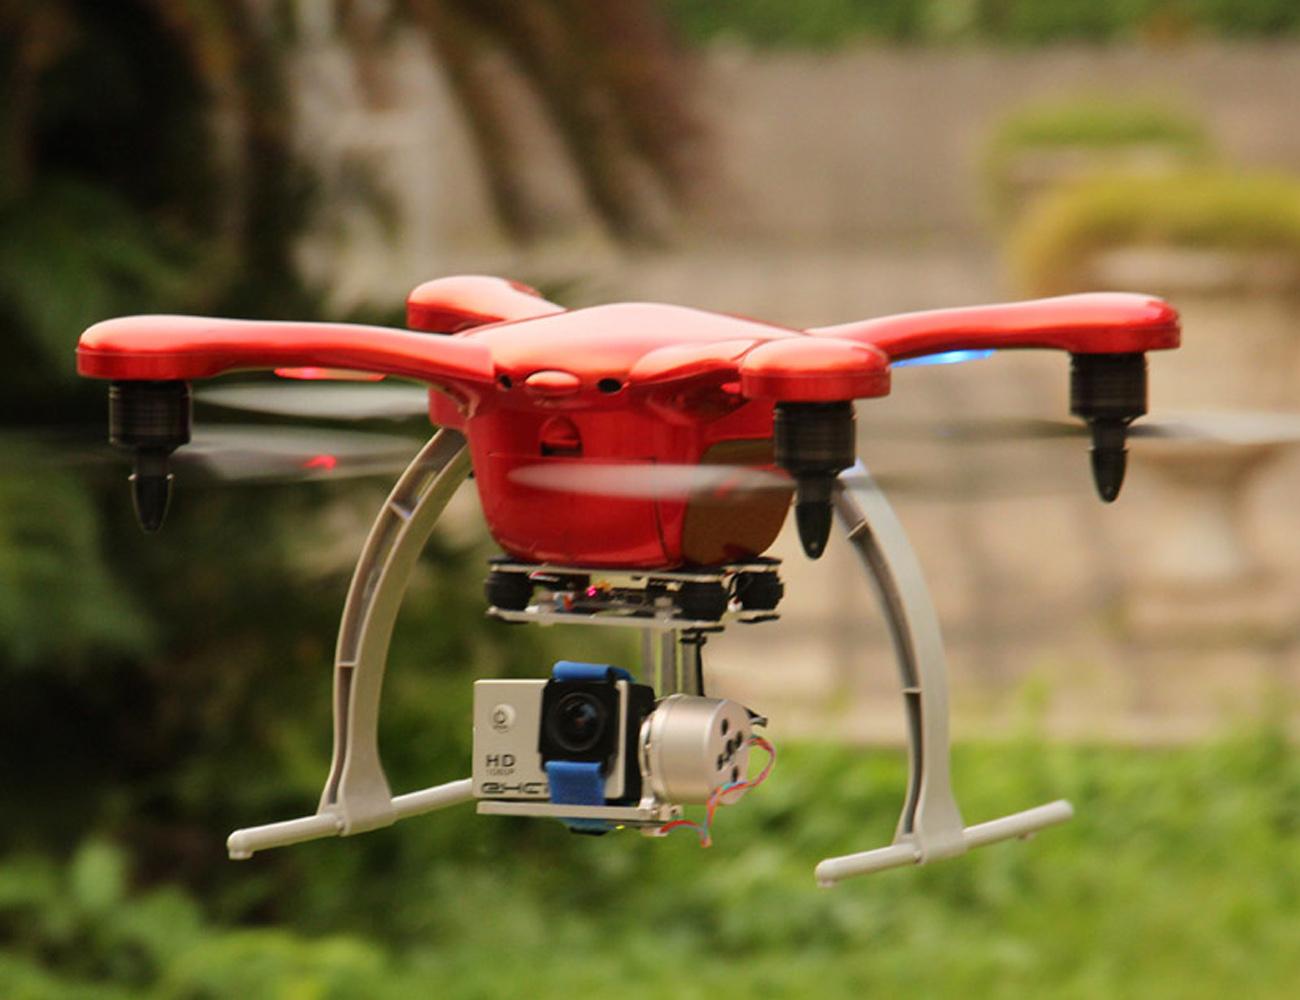 Ehang GHOSTDRONE 2.0 Aerial